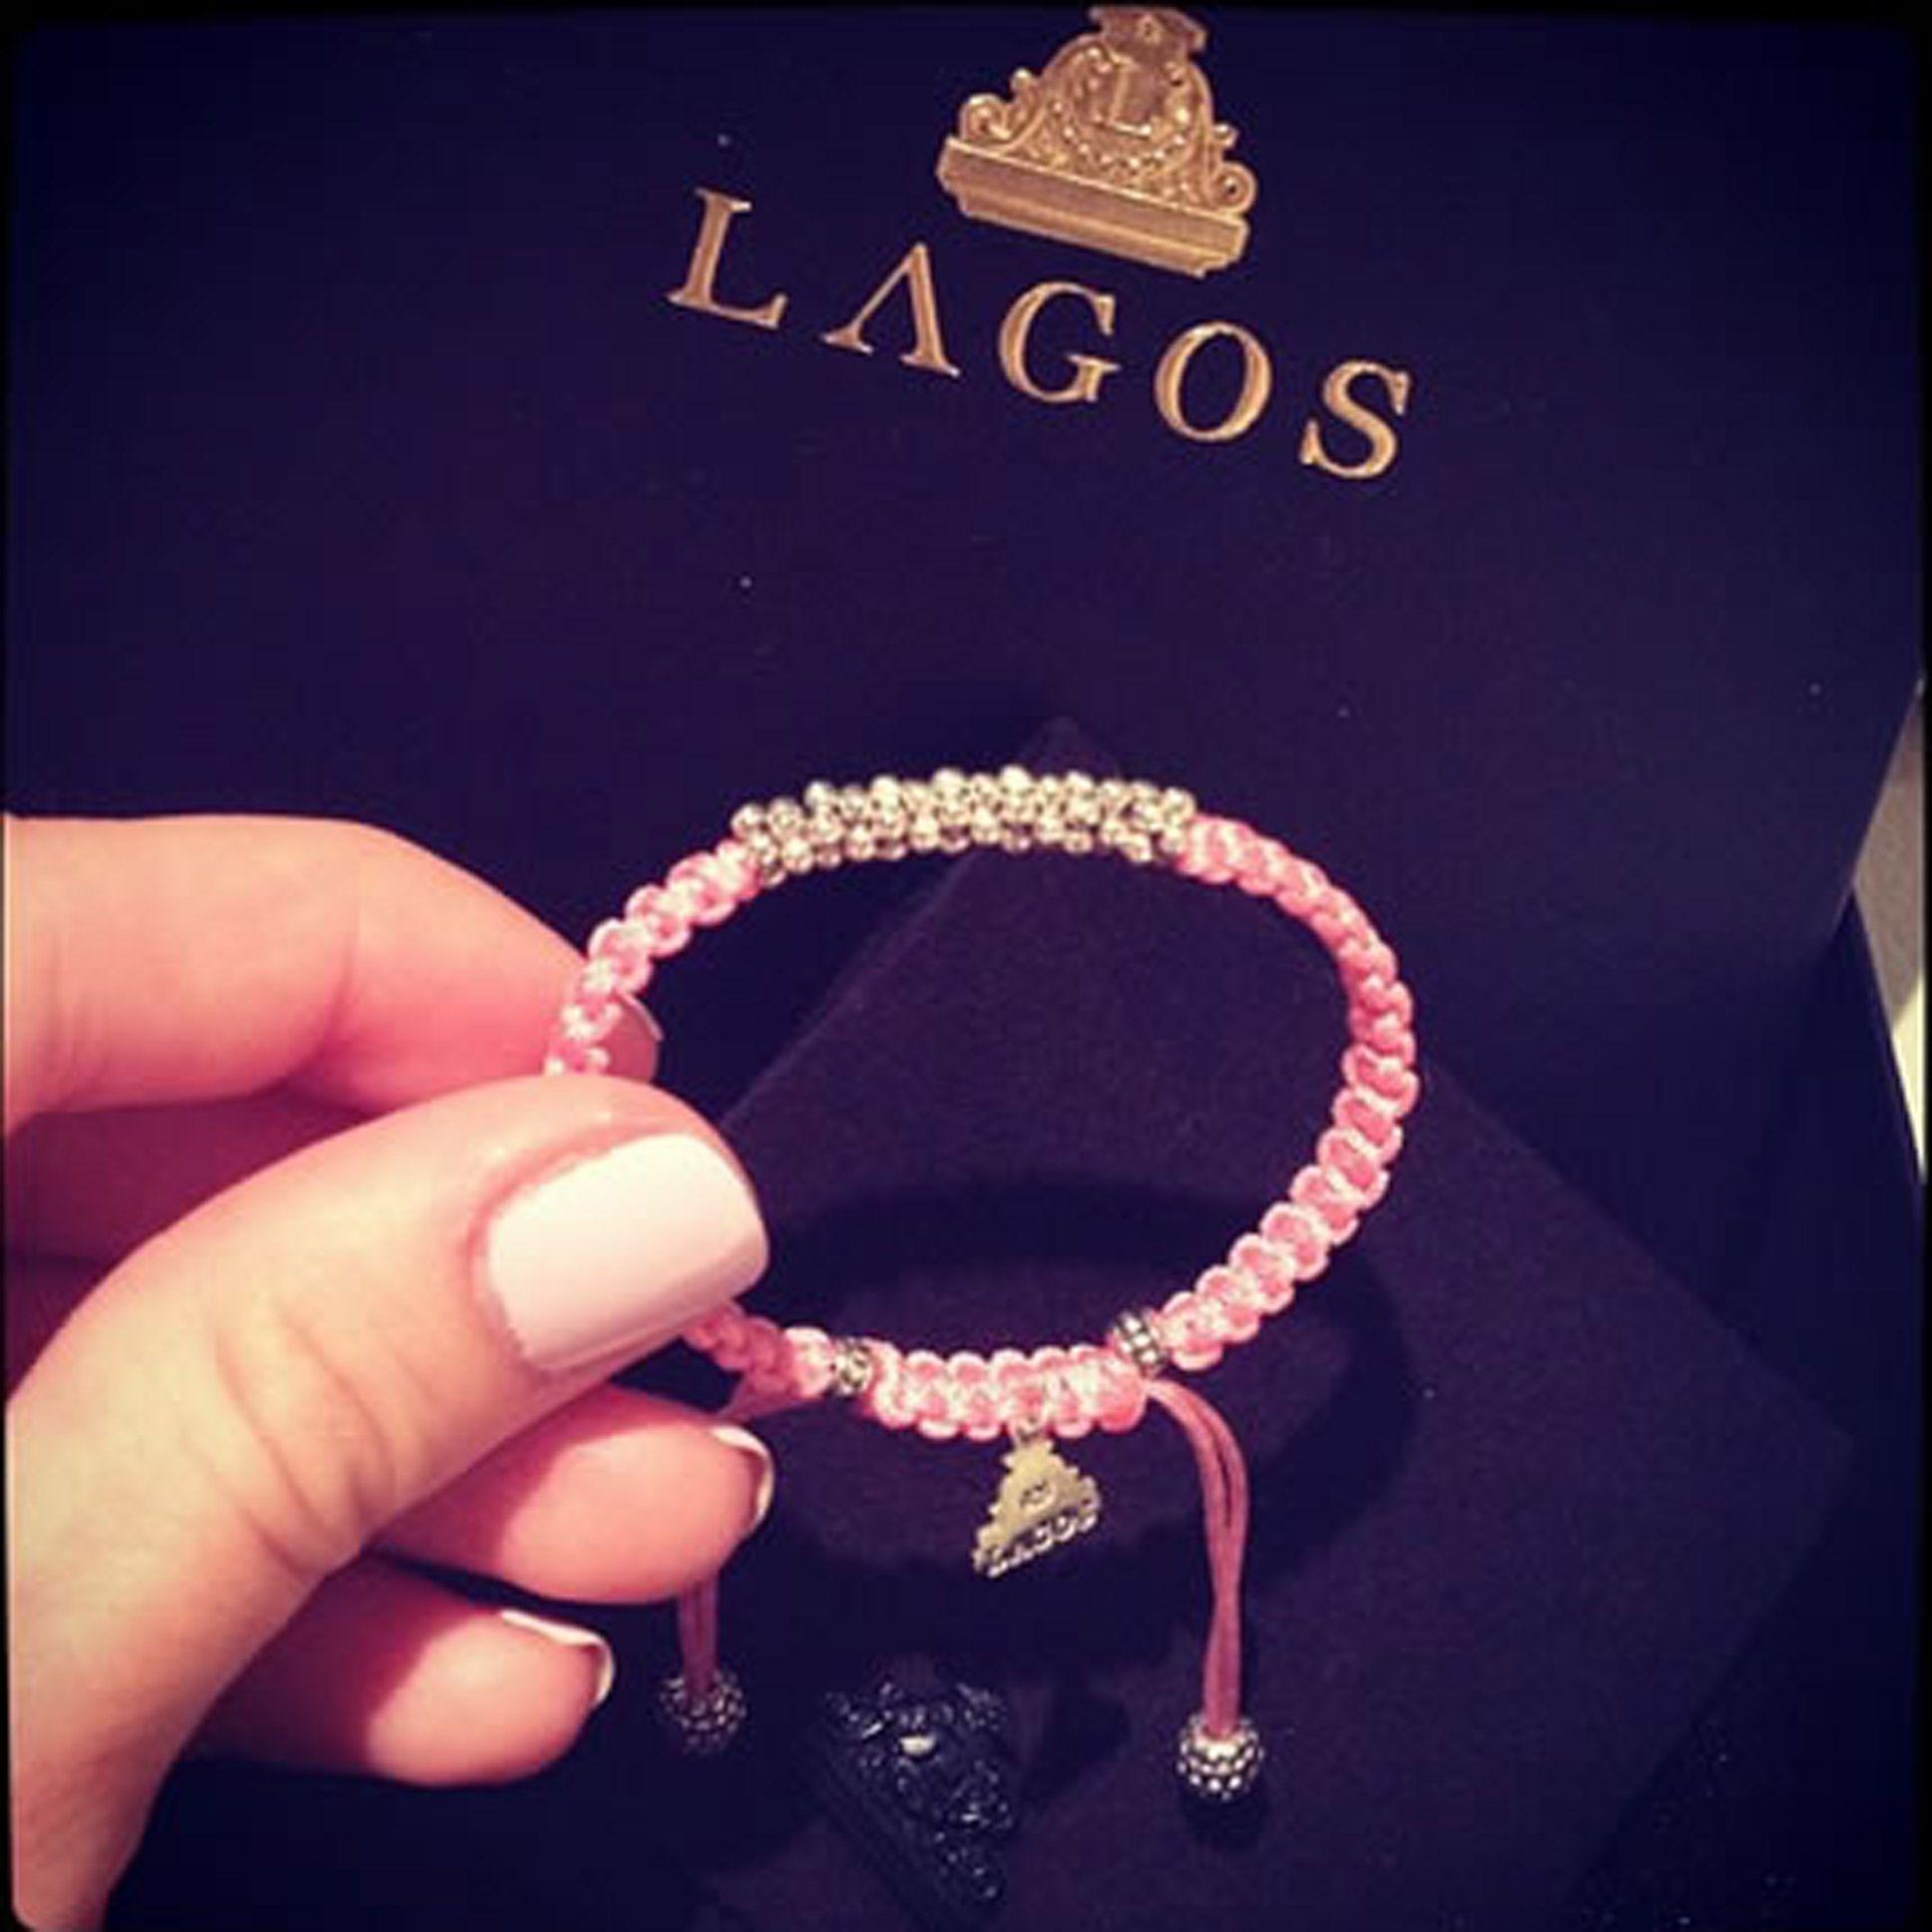 Lagos Kinder Sterling-Silver Macrame Bracelet, Pink